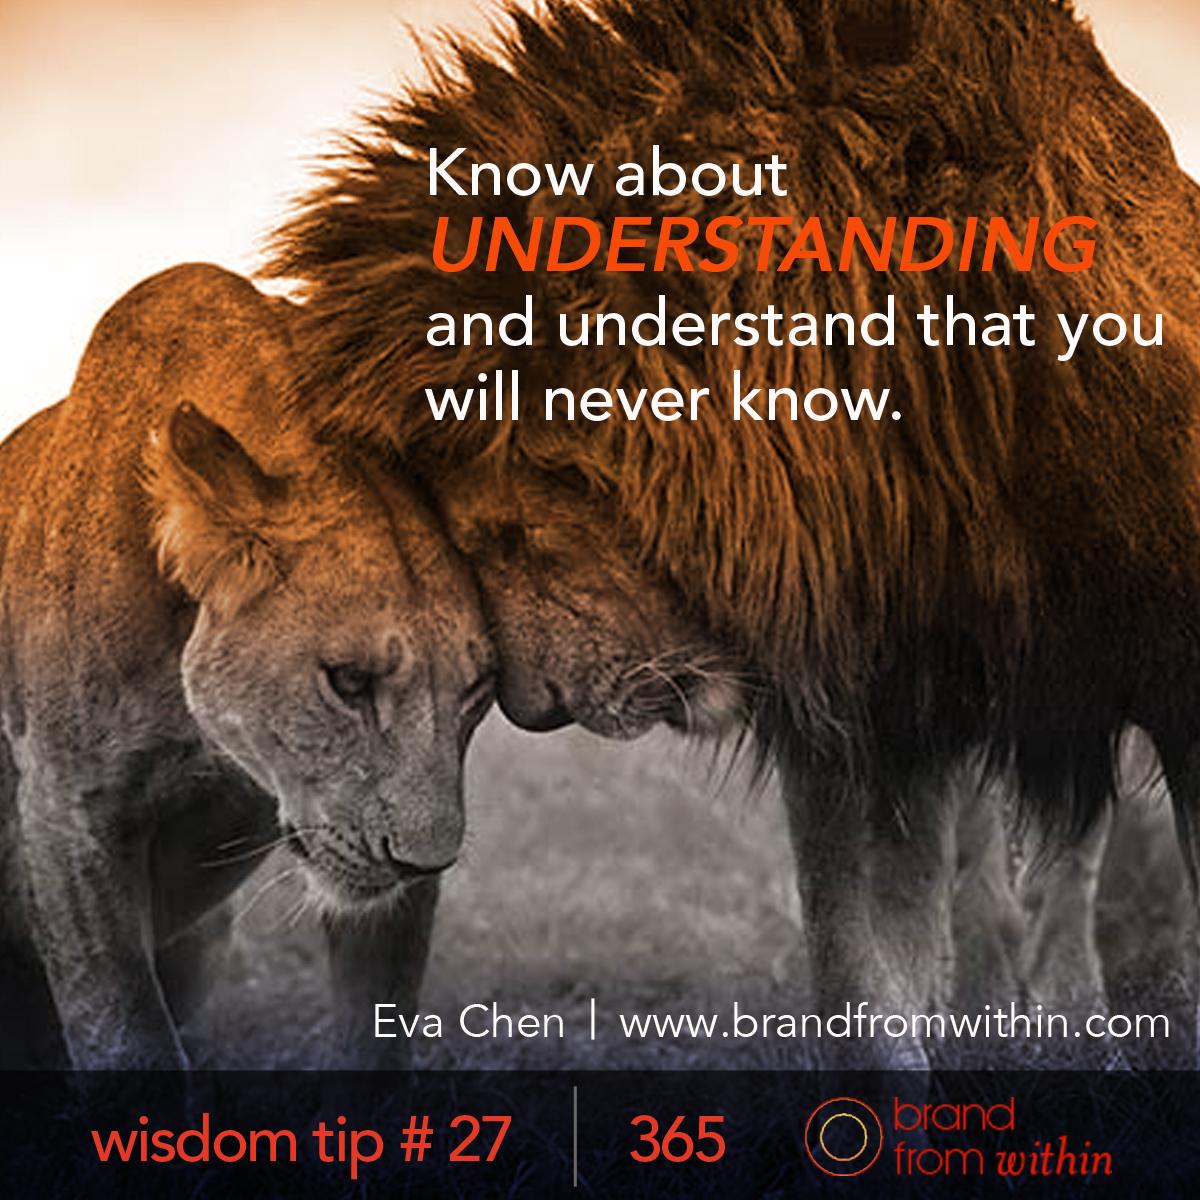 DAY 27 WISDOM TIP